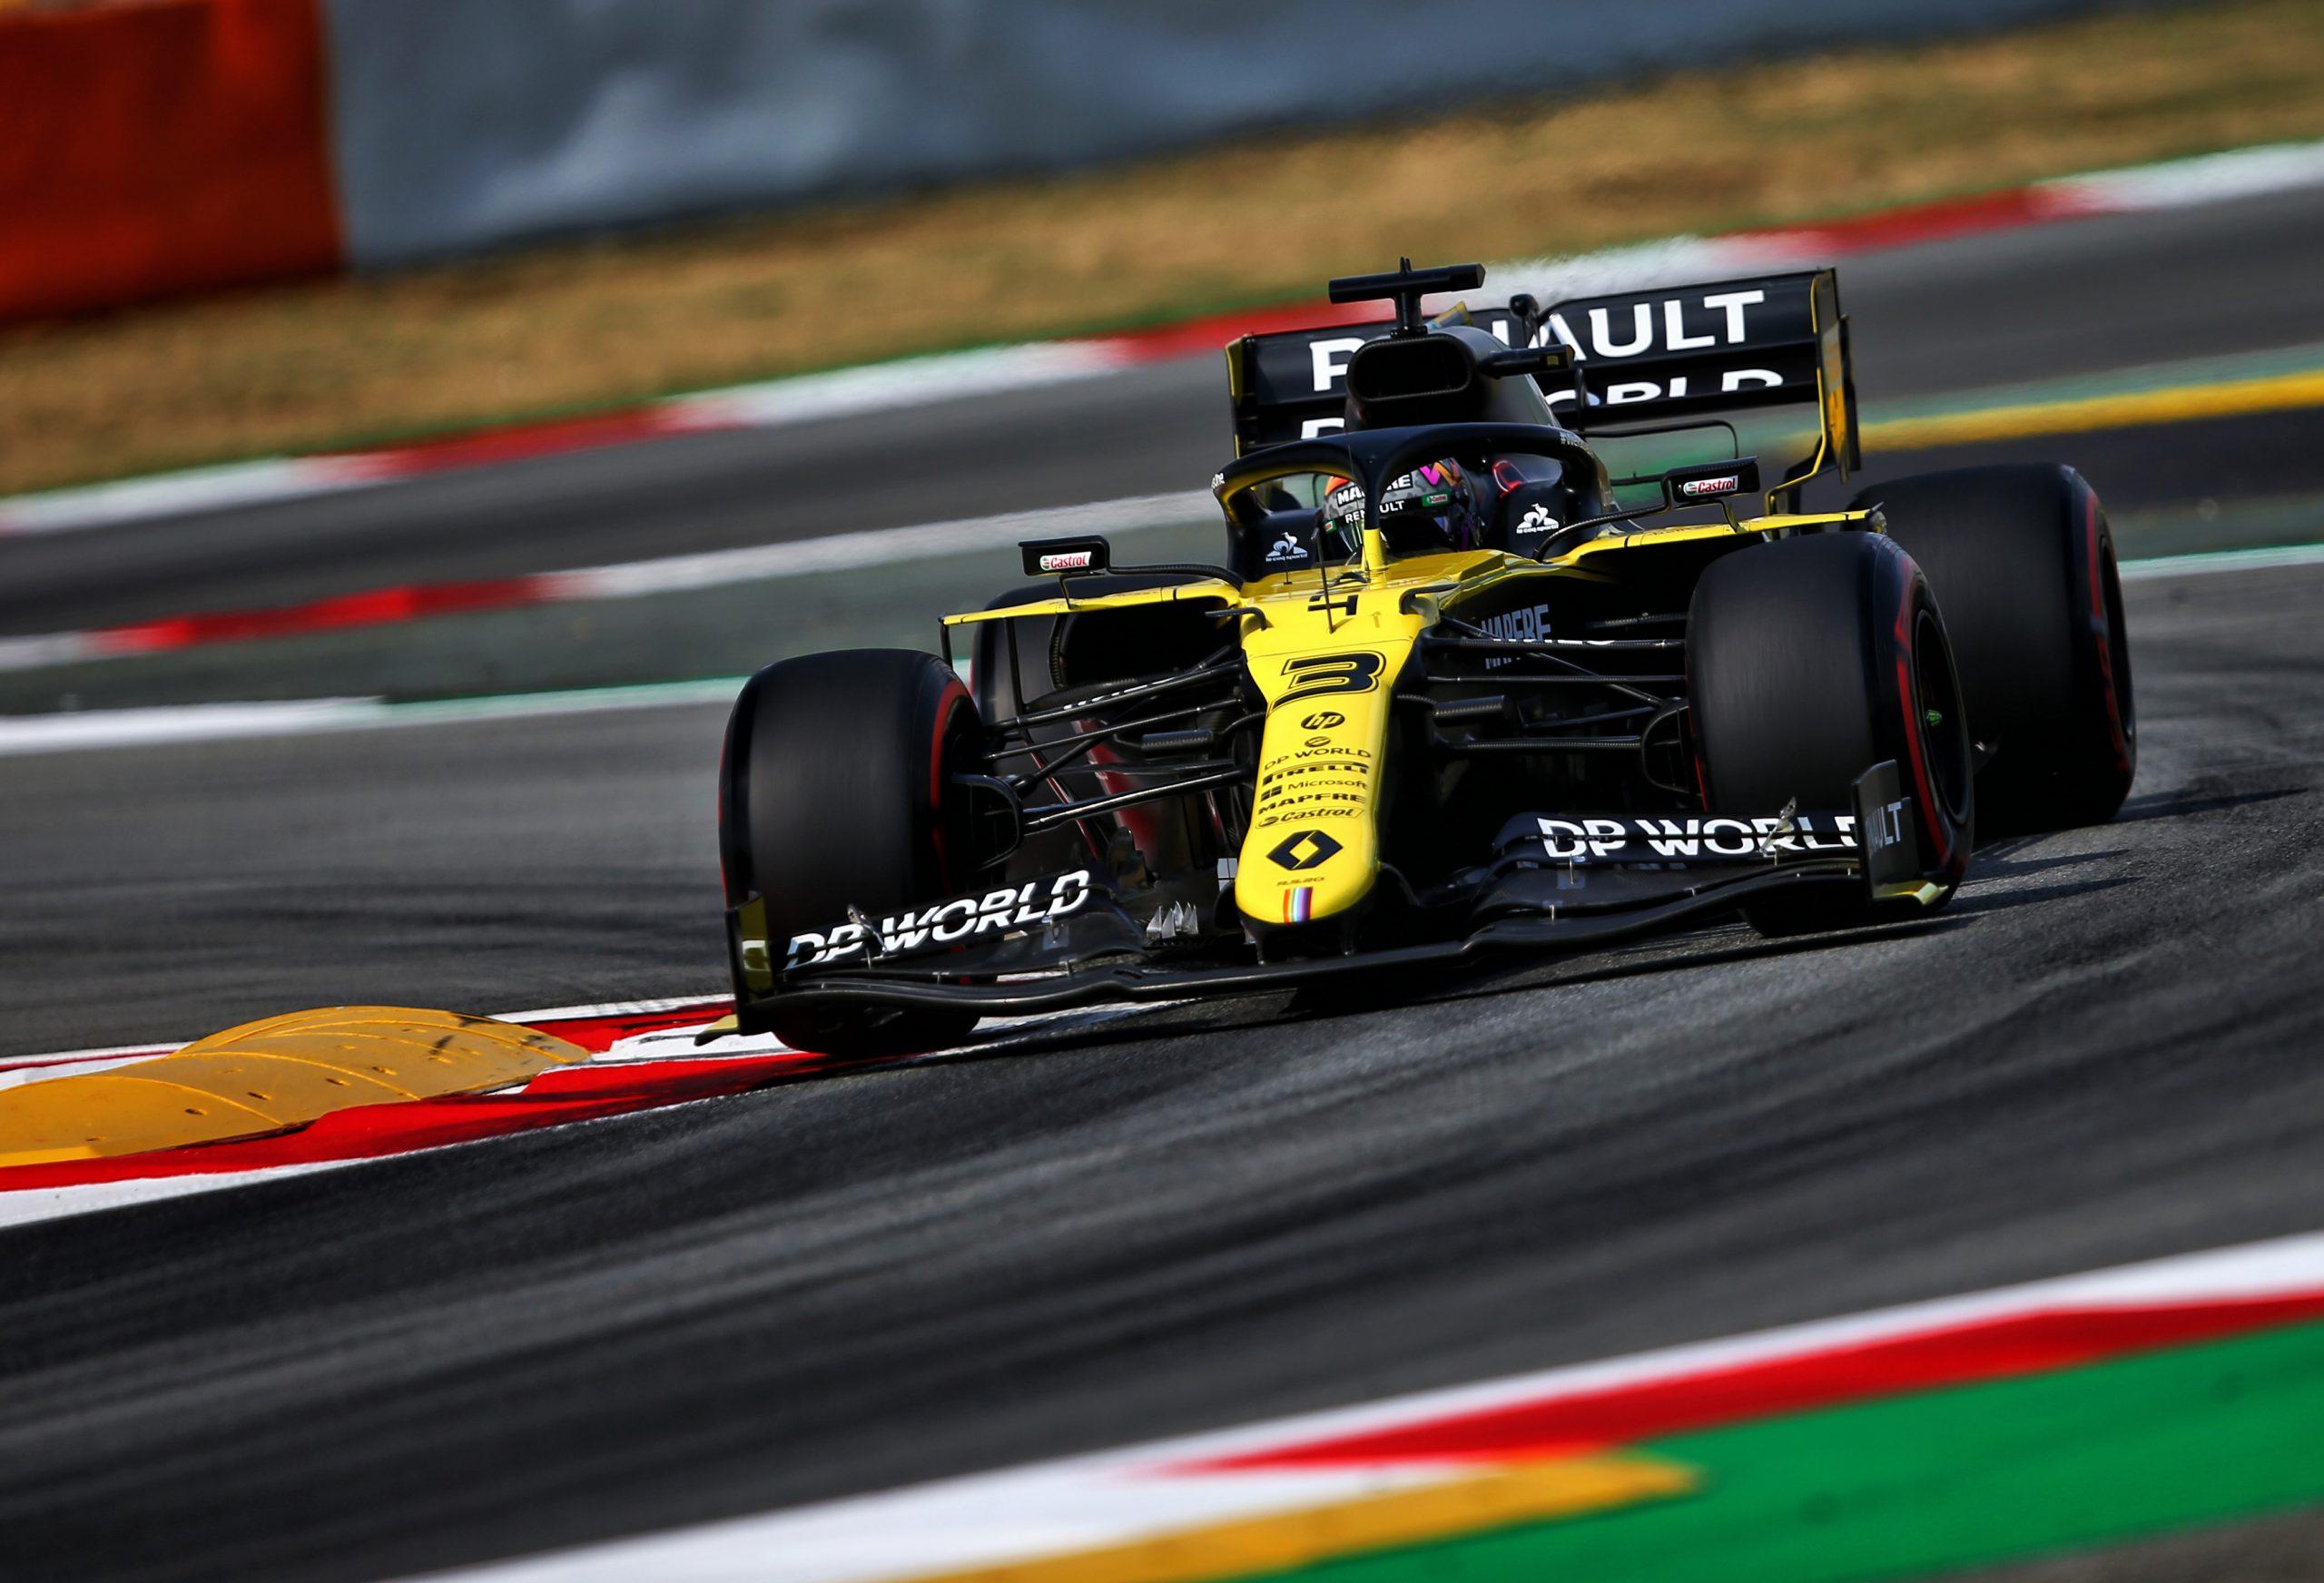 La grille de départ du Grand Prix d'Espagne 2020 1